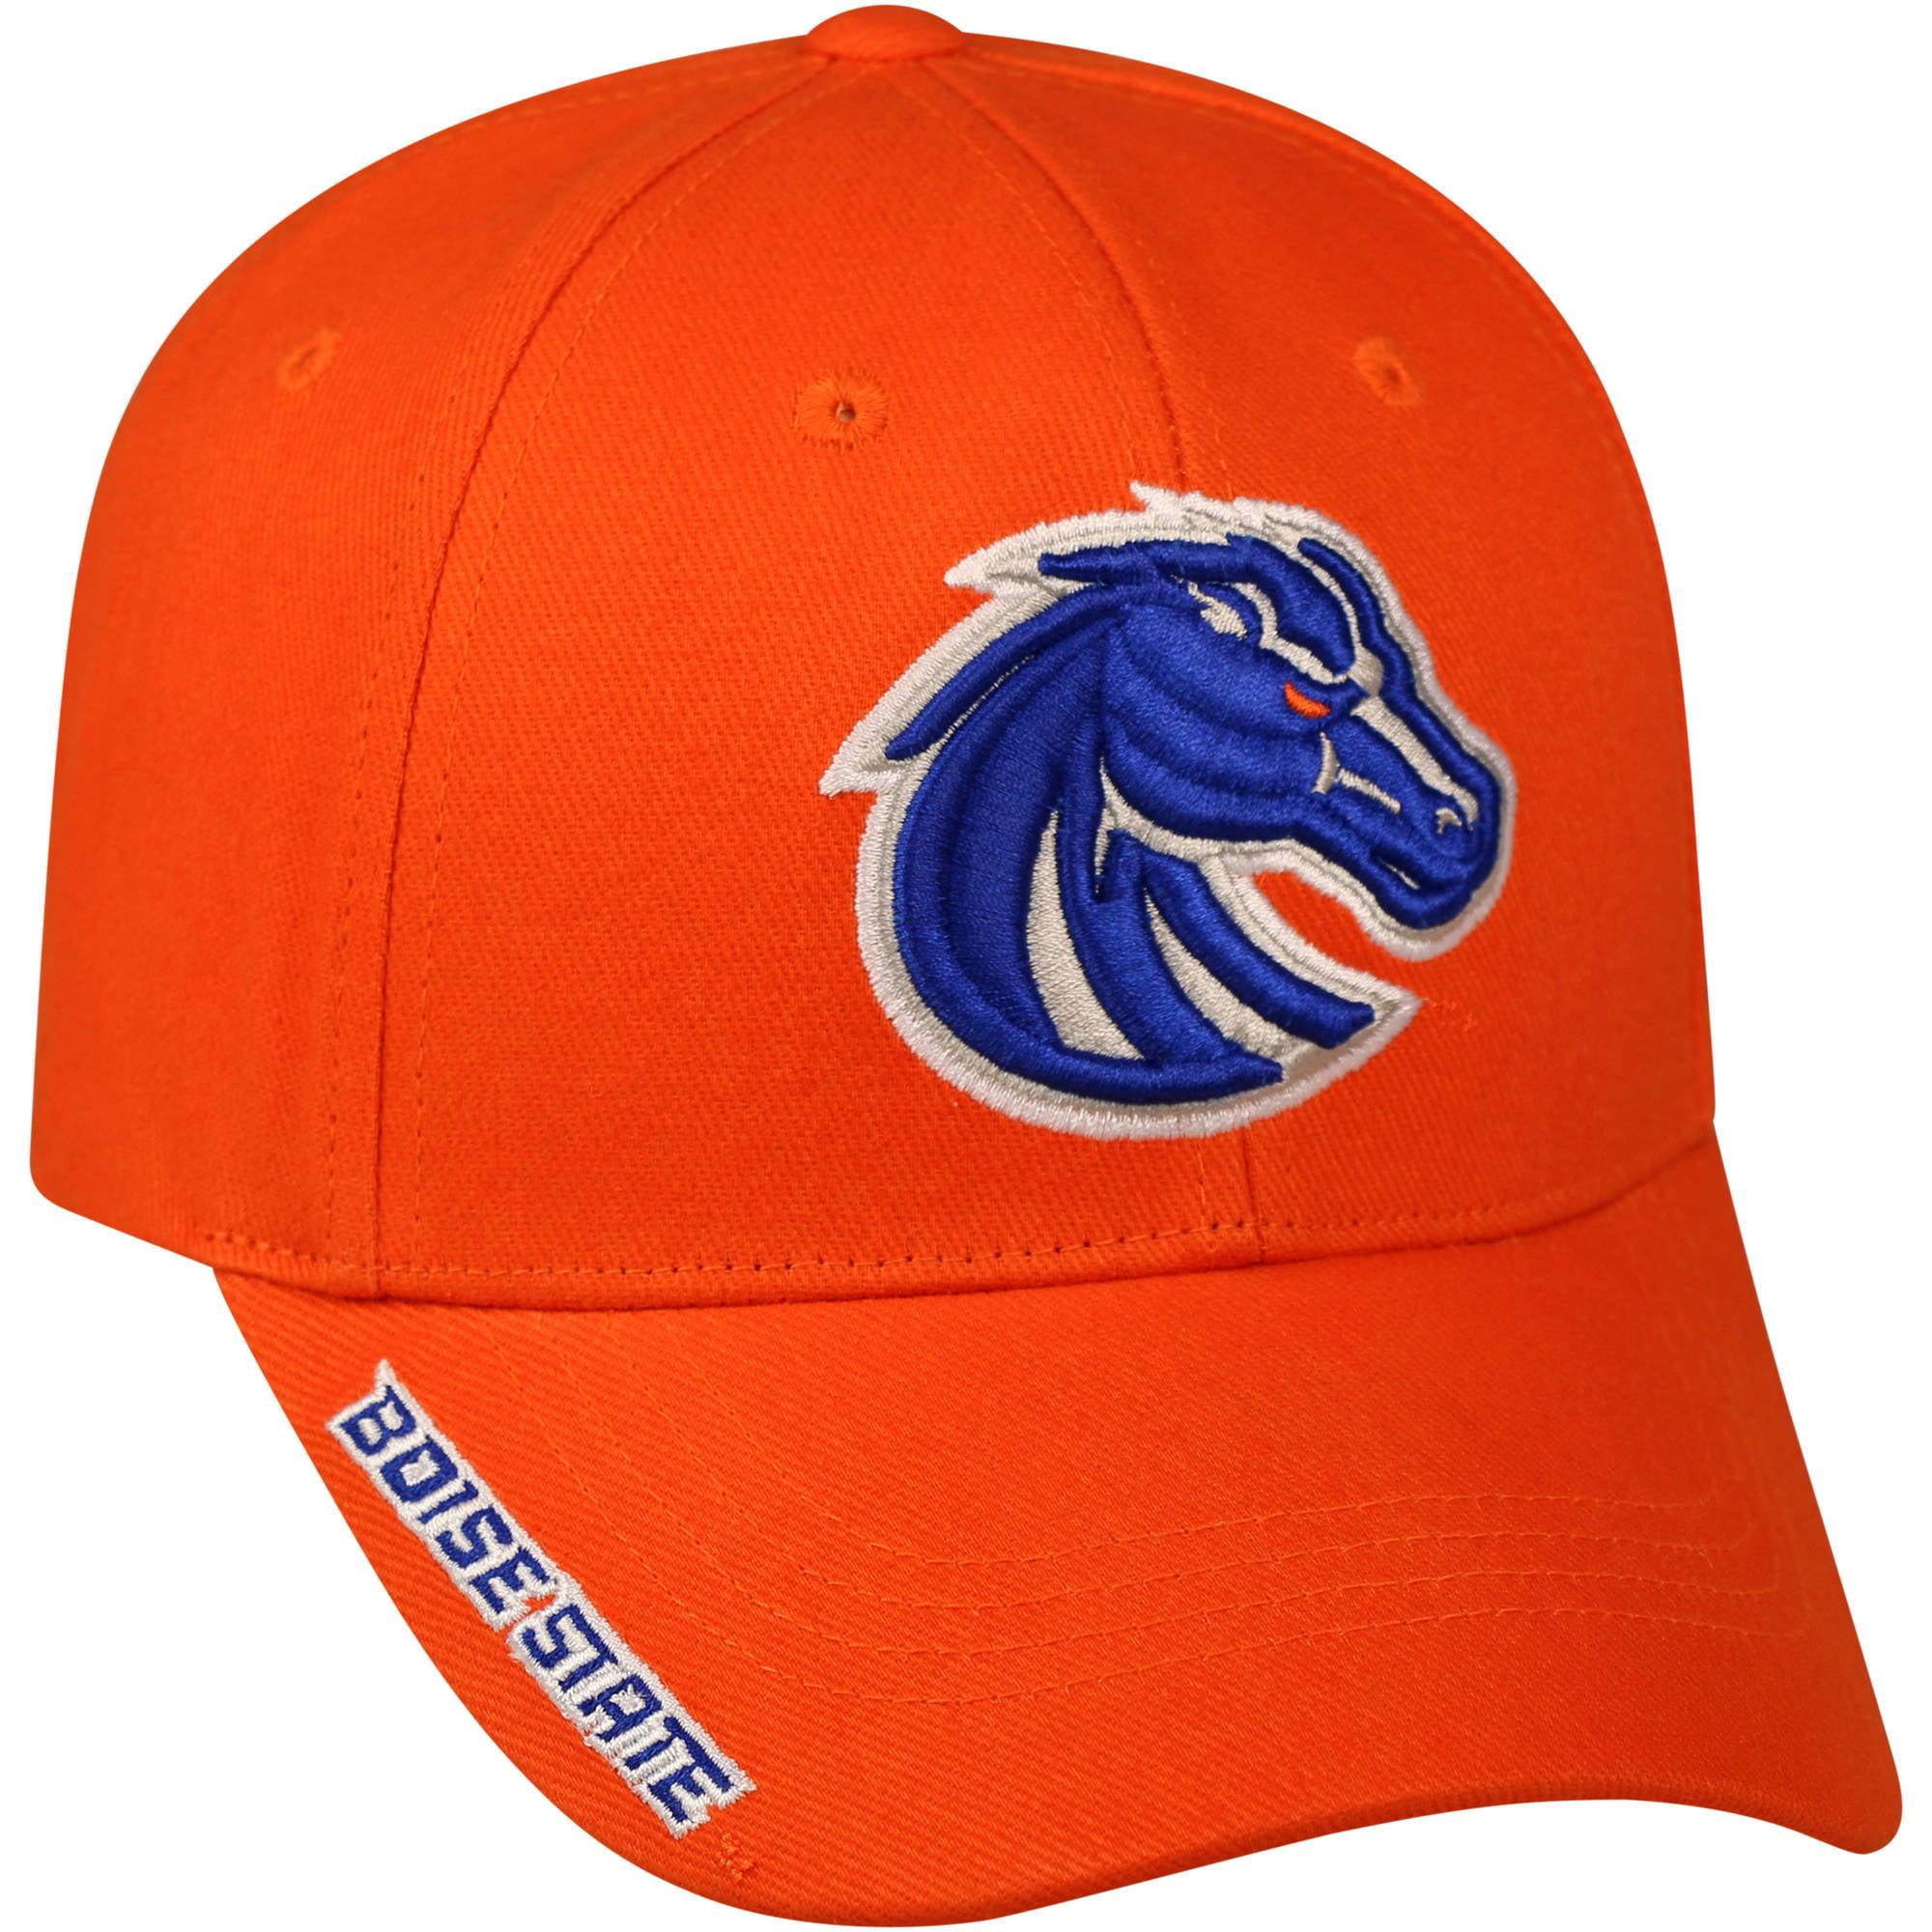 64a5343800425b NCAA Men's Boise State Broncos Alt Color Cap - Walmart.com